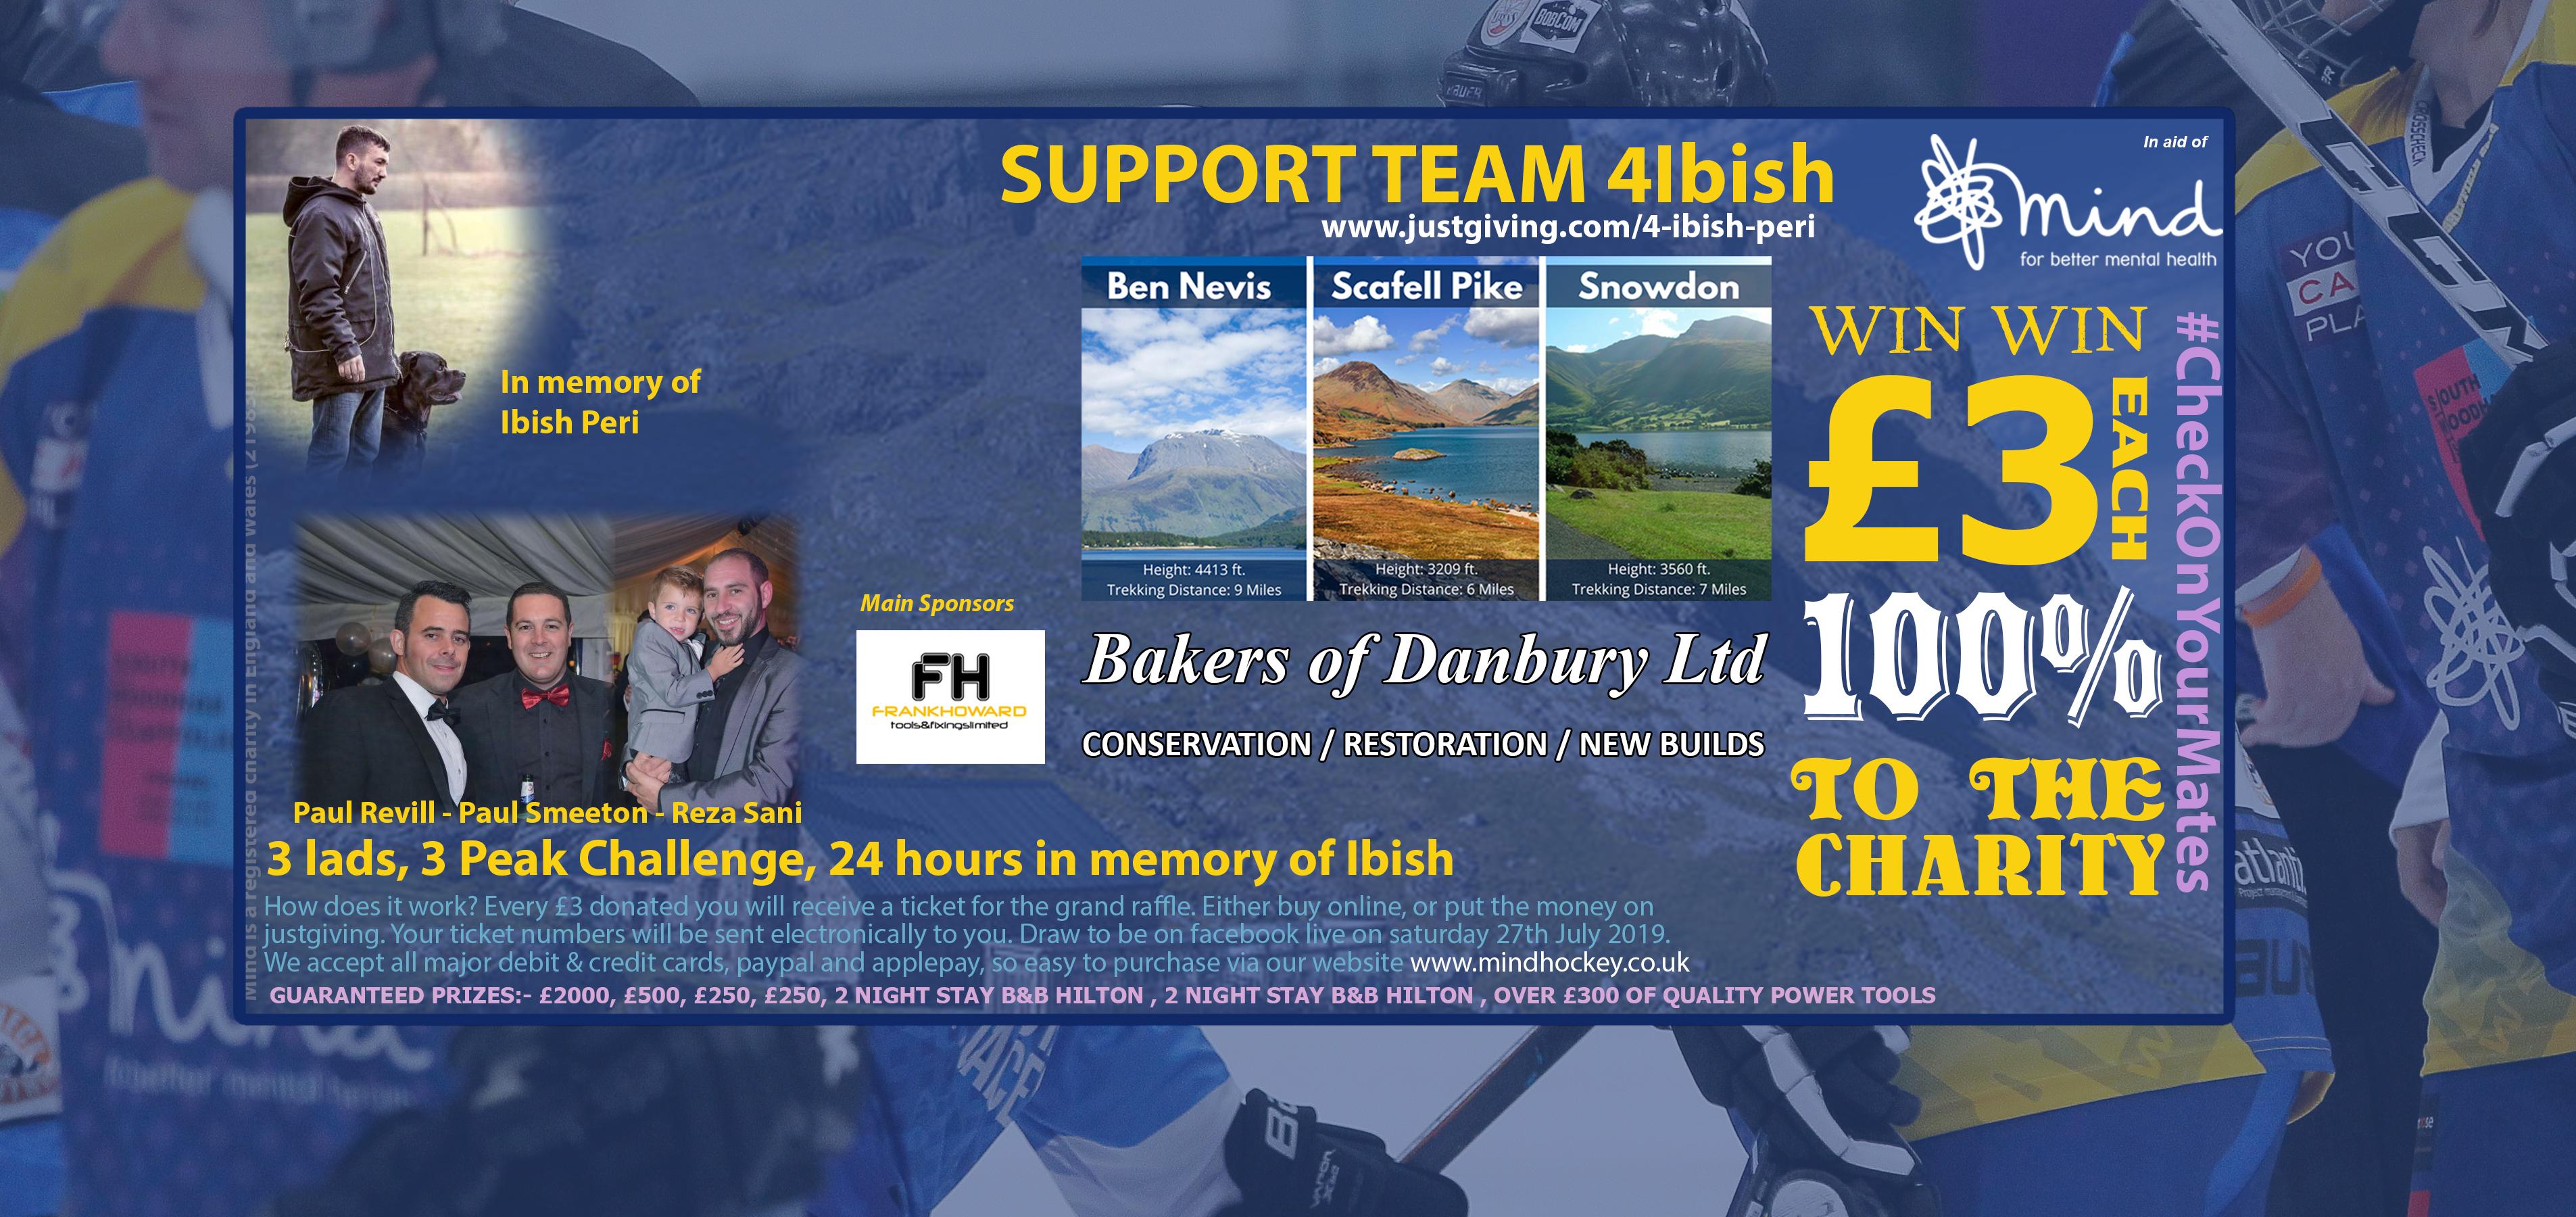 three peak challenge for MIND, Ben Nevis, Scafell Pike, Snowdon